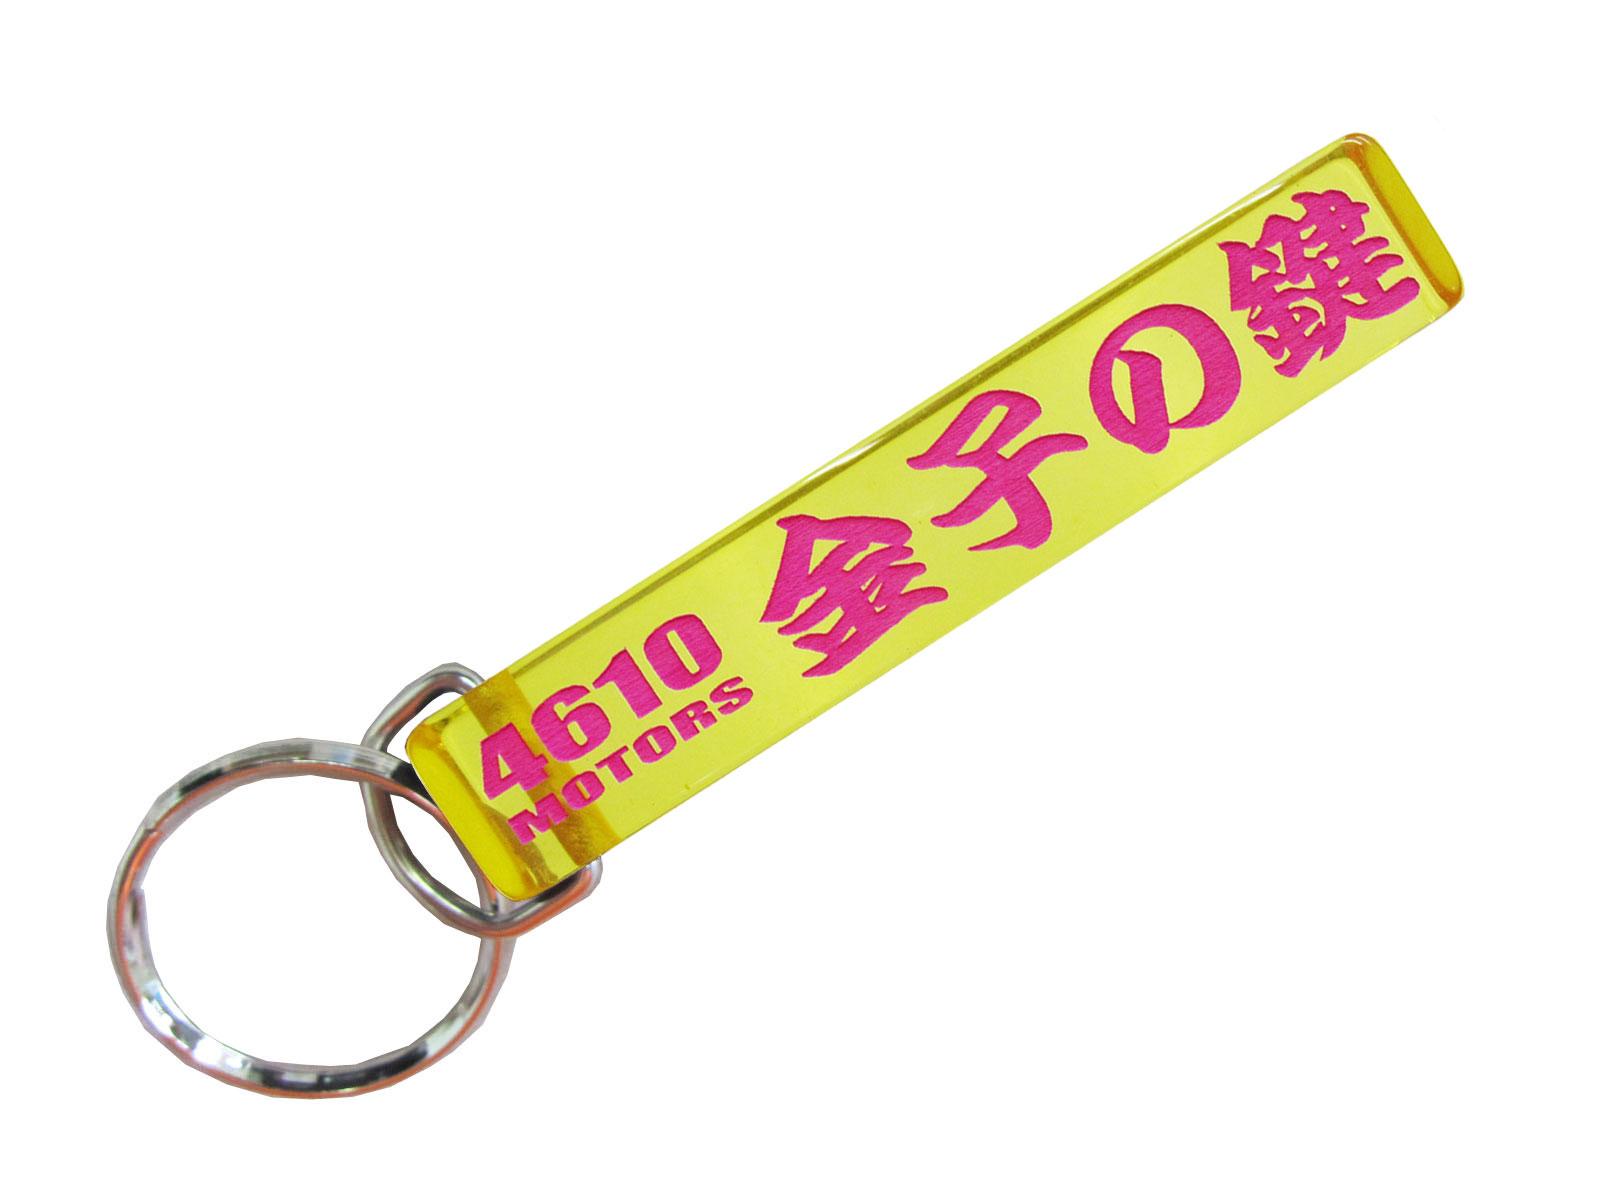 金子の鍵/シロウトモータース★4610MOTORS★Mini HOTEL K/R☆ミニホテルキーリング★金子 かねこ カネコ Kaneko